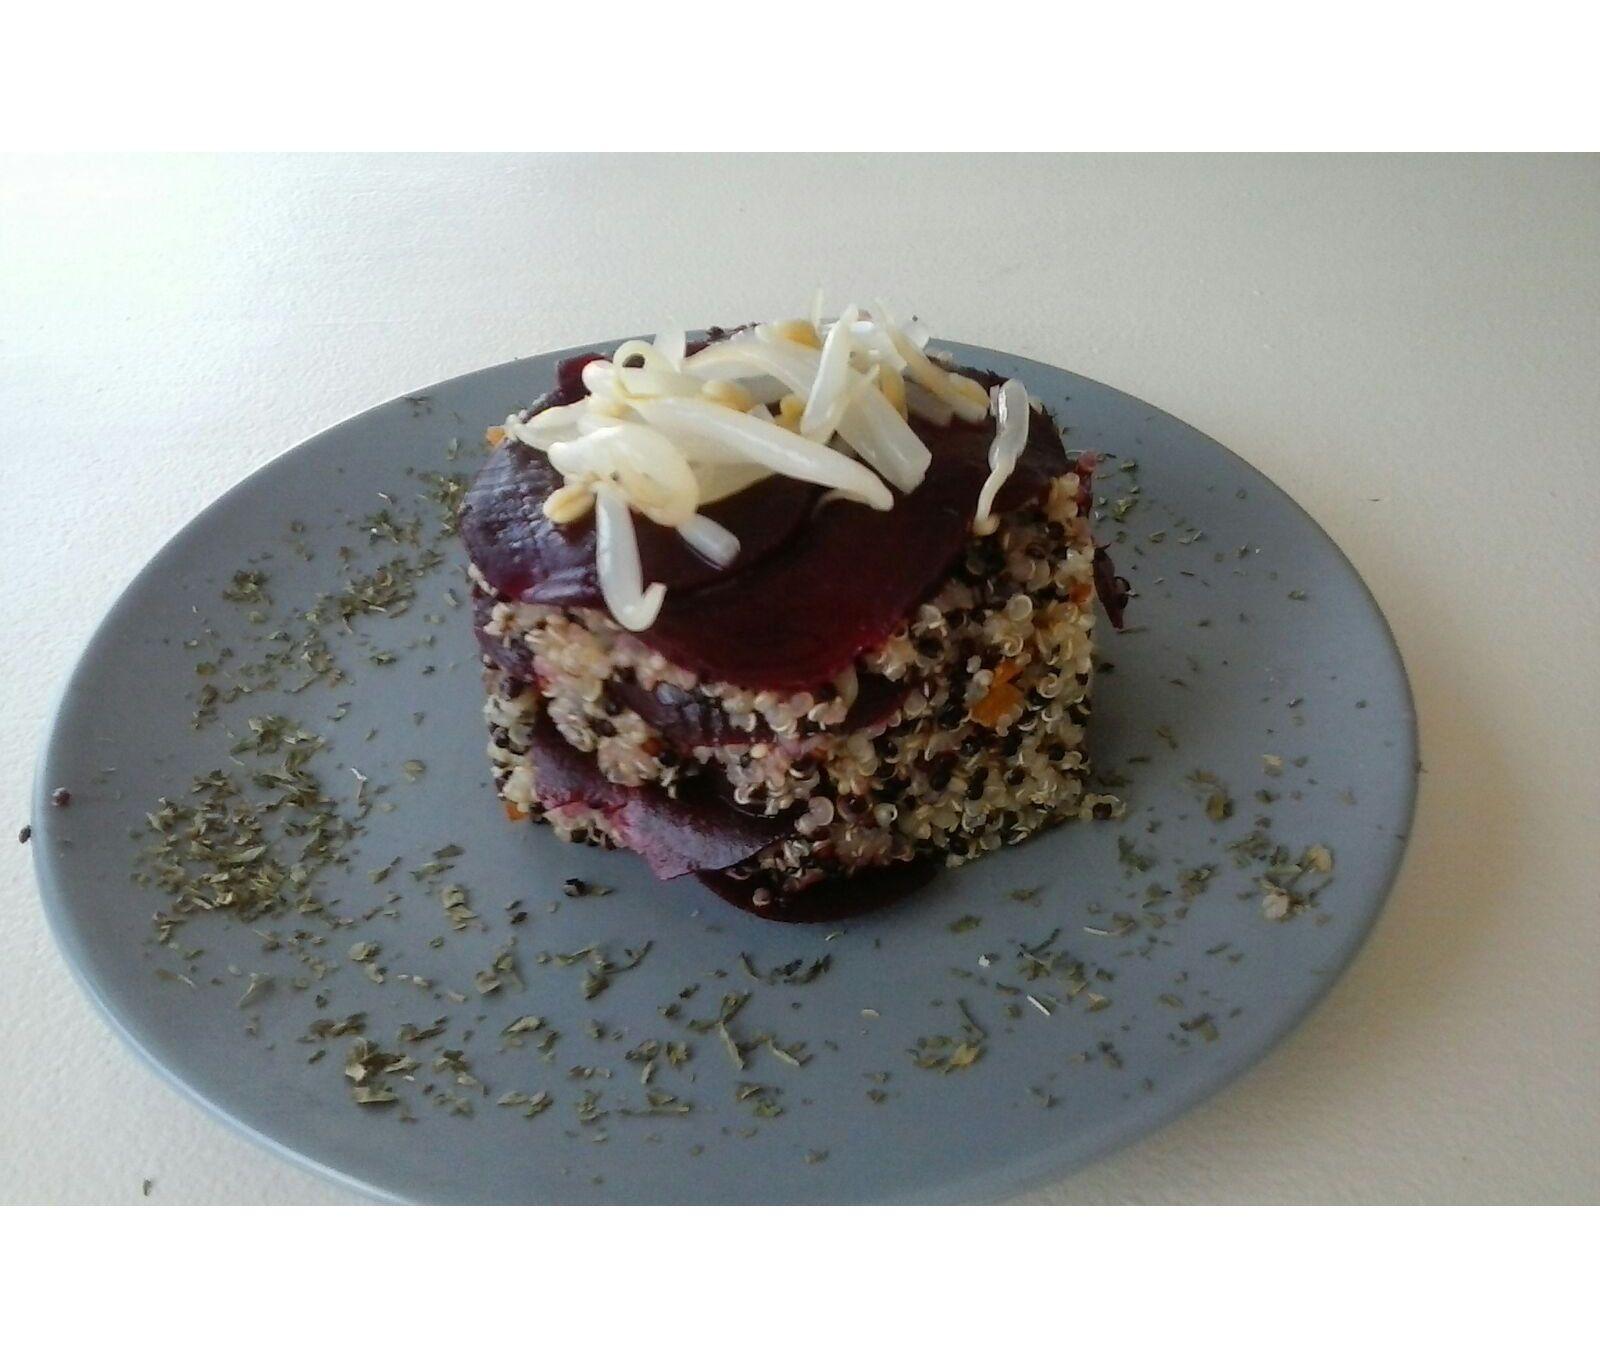 Comida vegetariana y vegana casera en Caños de Meca